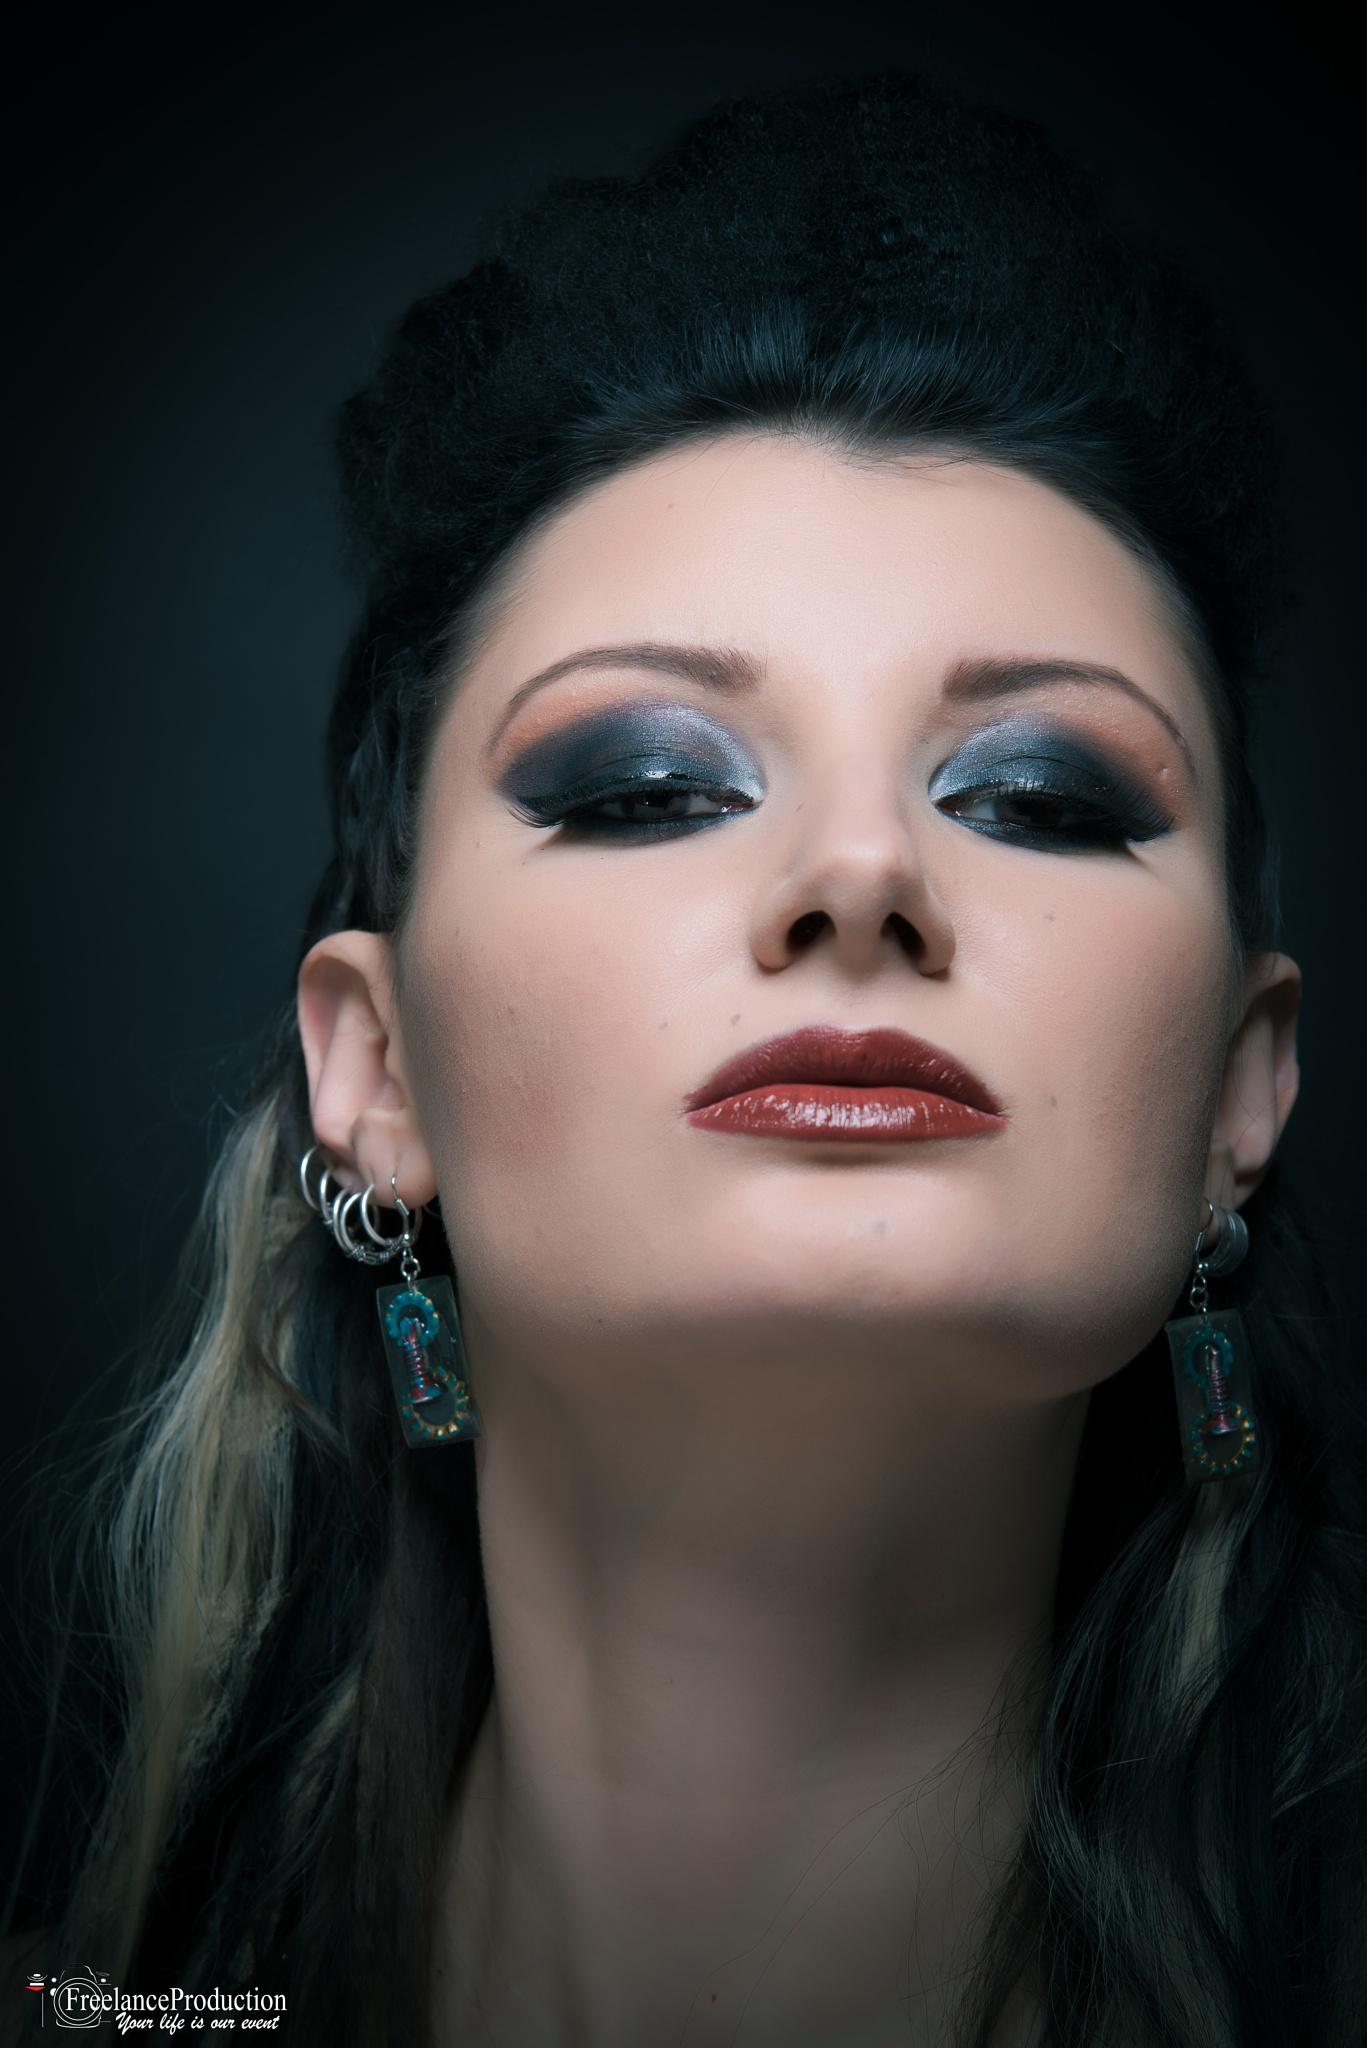 Portrait by Octavian Enachescu